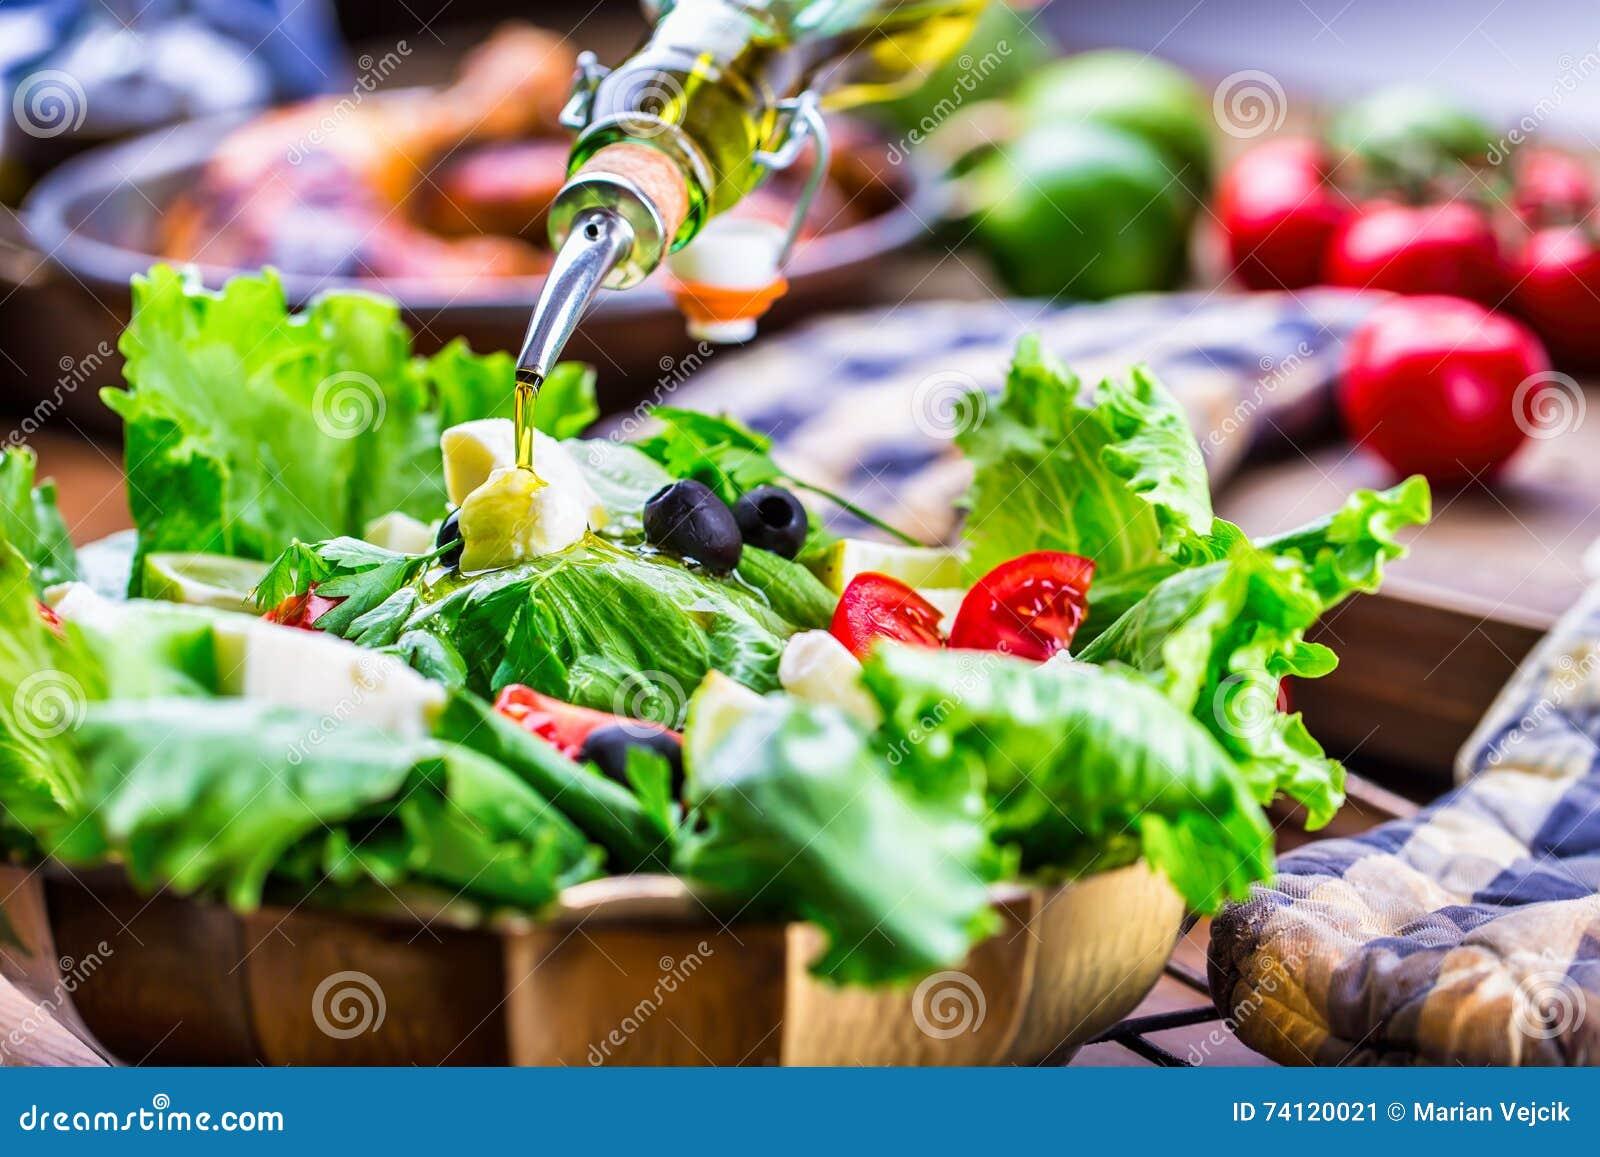 菜莴苣沙拉 涌入碗的橄榄油沙拉 意大利地中海或希腊烹调 素食素食主义者食物